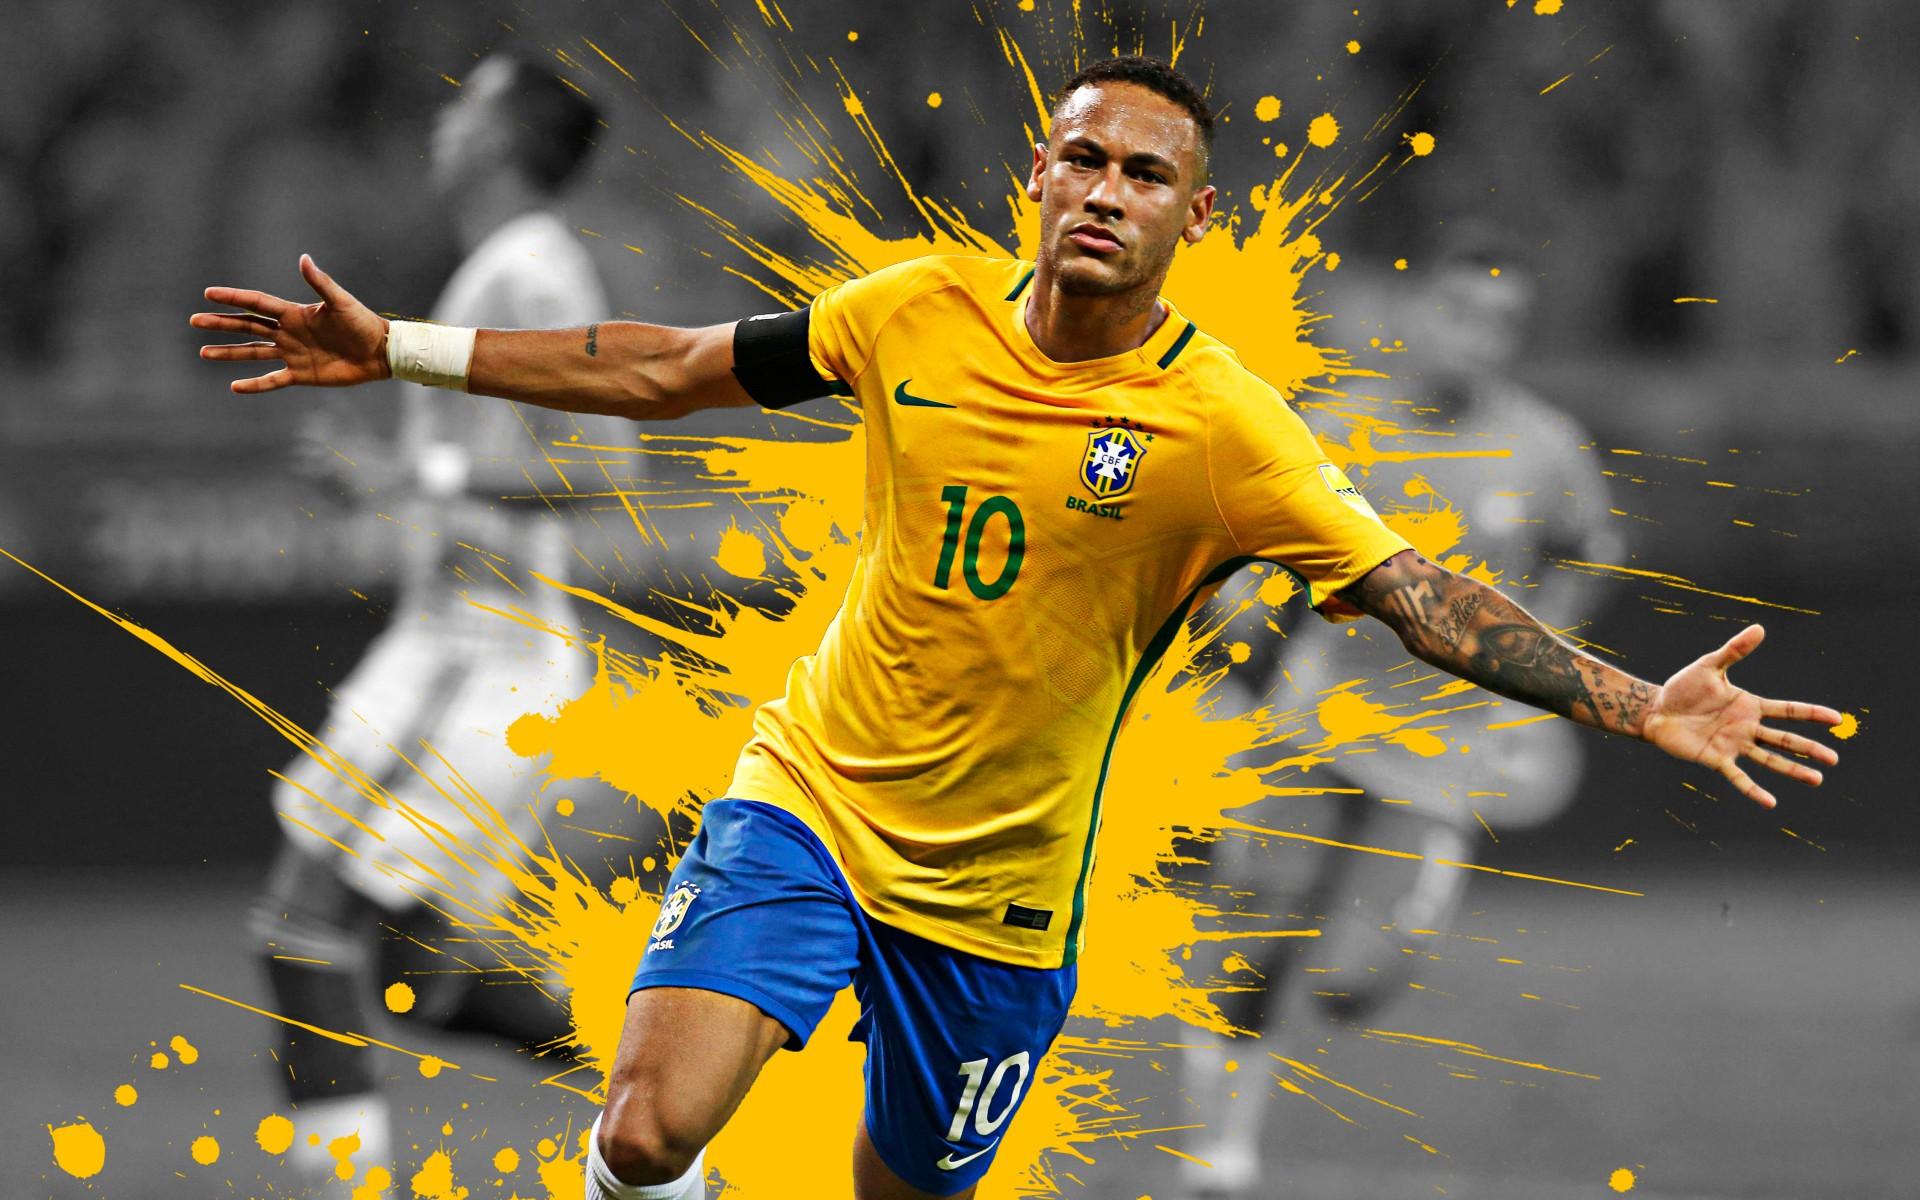 Wallpaper Barcelona Fc 3d Neymar 4k Wallpapers Hd Wallpapers Id 26641